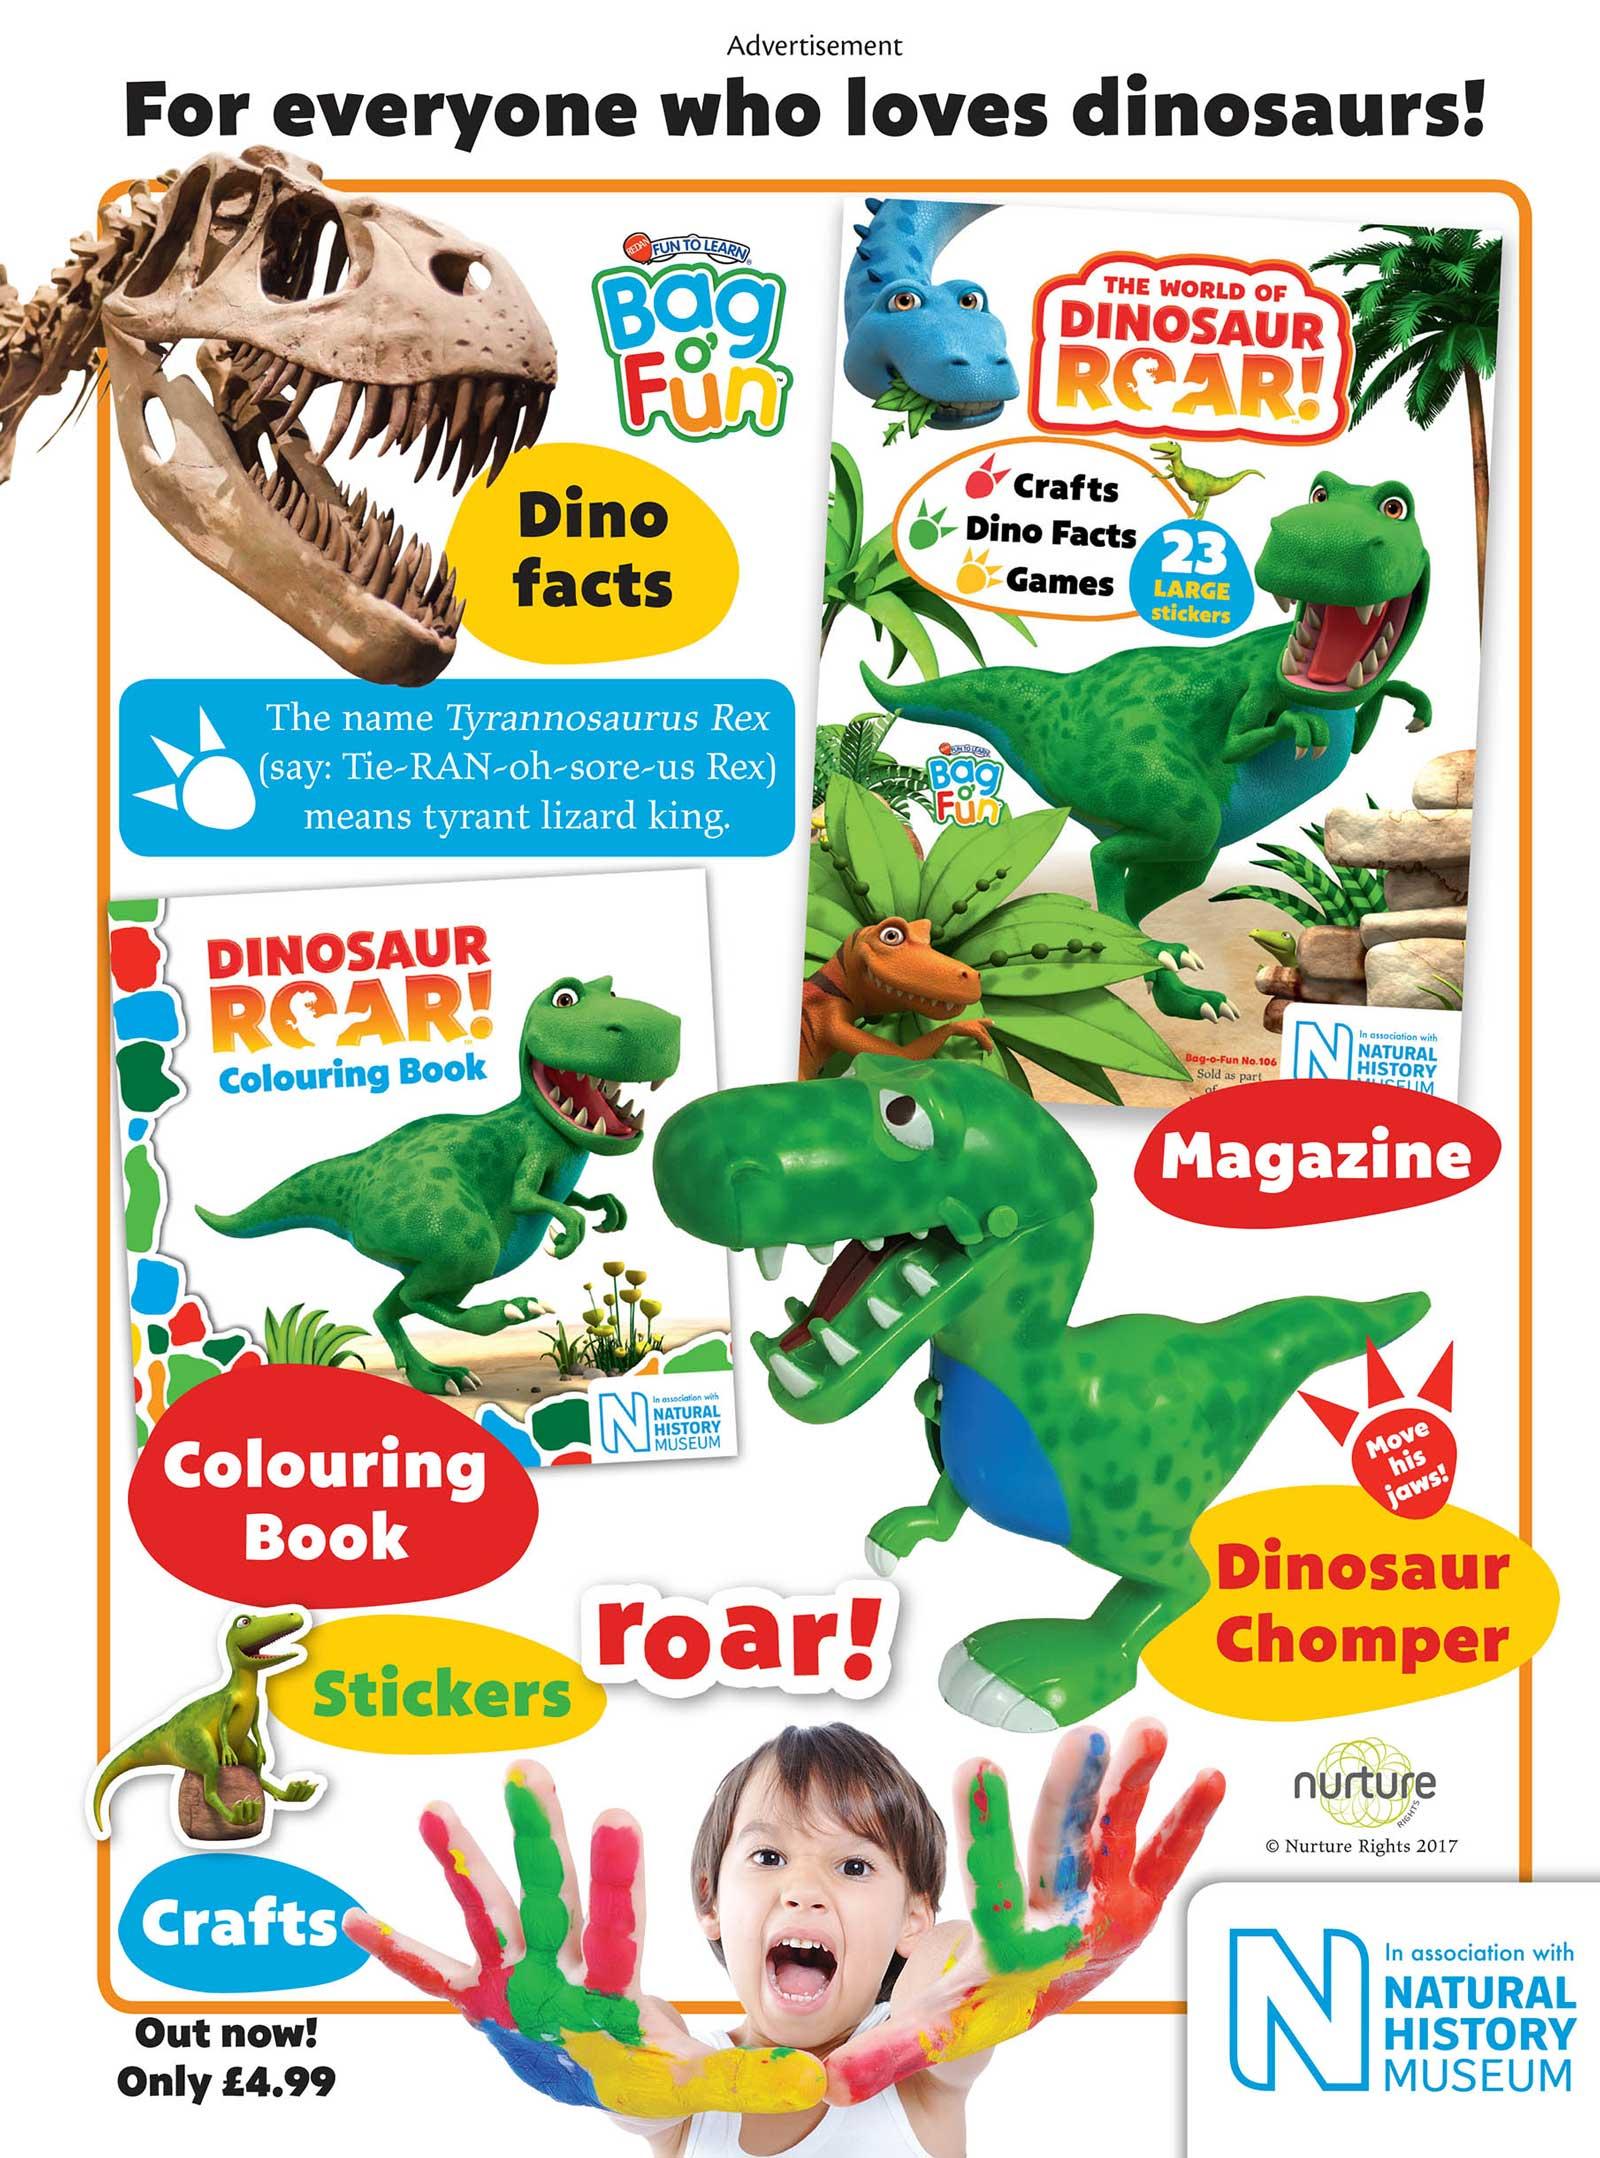 World of Dinosaur Roar! - Redan - Ad